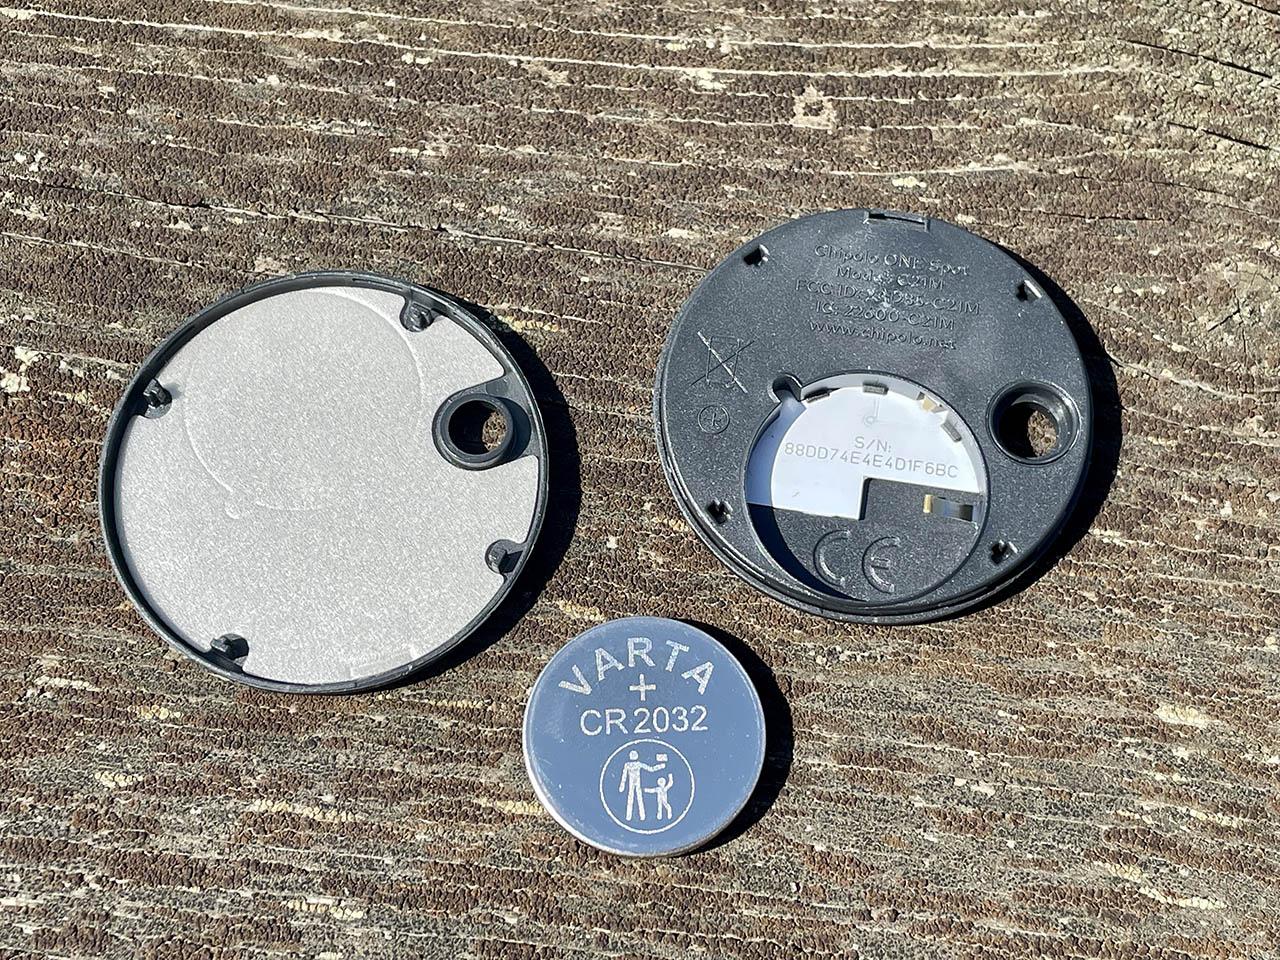 Chipolo One Spot batterij